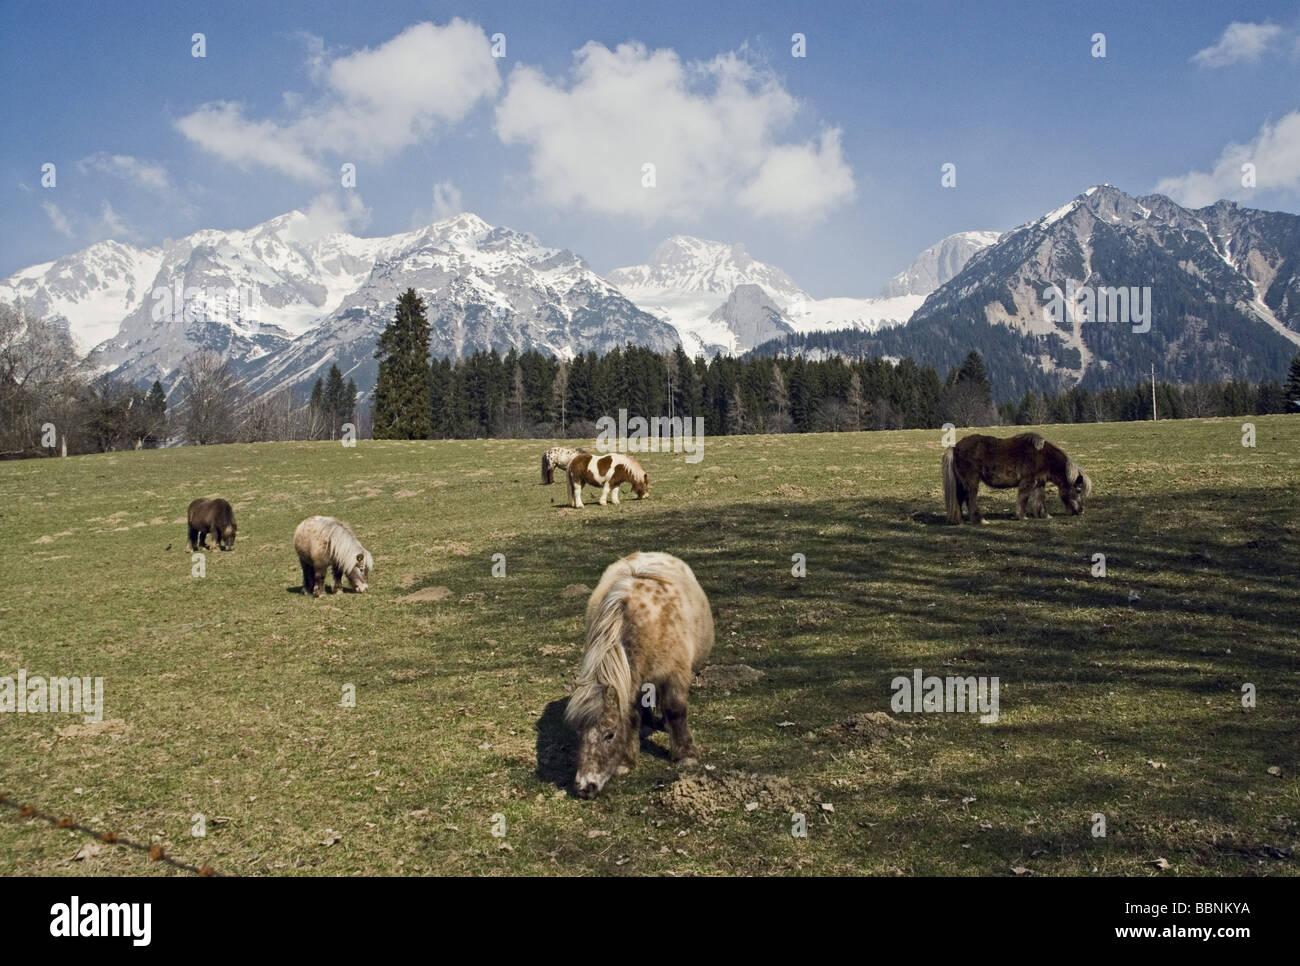 Geografia / viaggi, Austria, la Stiria, paesaggi, Willow vicino a Ramsau am Dachstein Additional-Rights-Clearance Immagini Stock